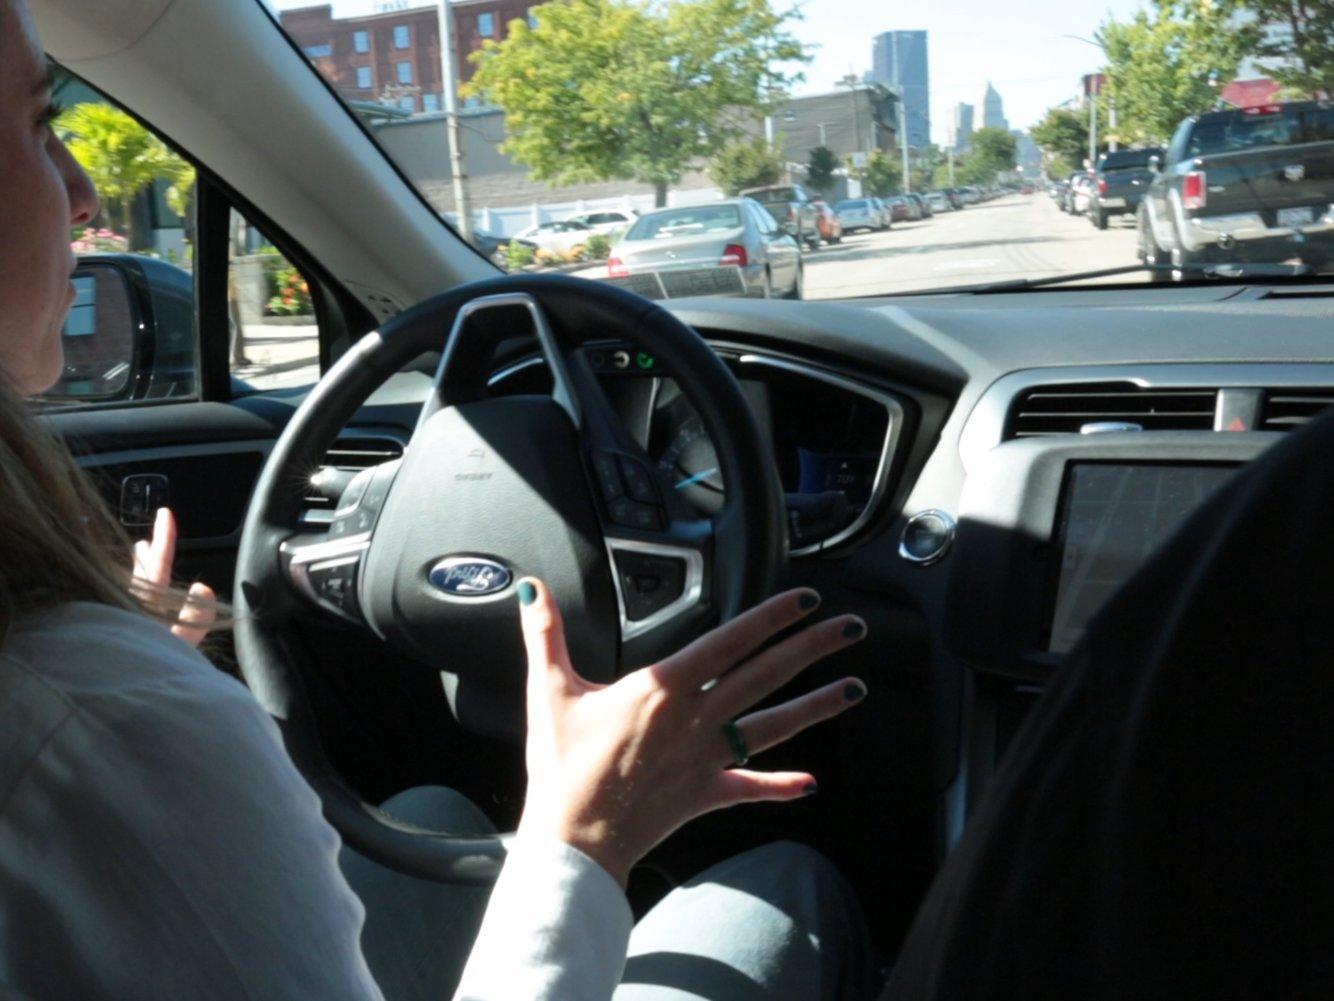 内讧不断、决策失误,Uber员工爆料全球首例无人驾驶汽车致死内幕